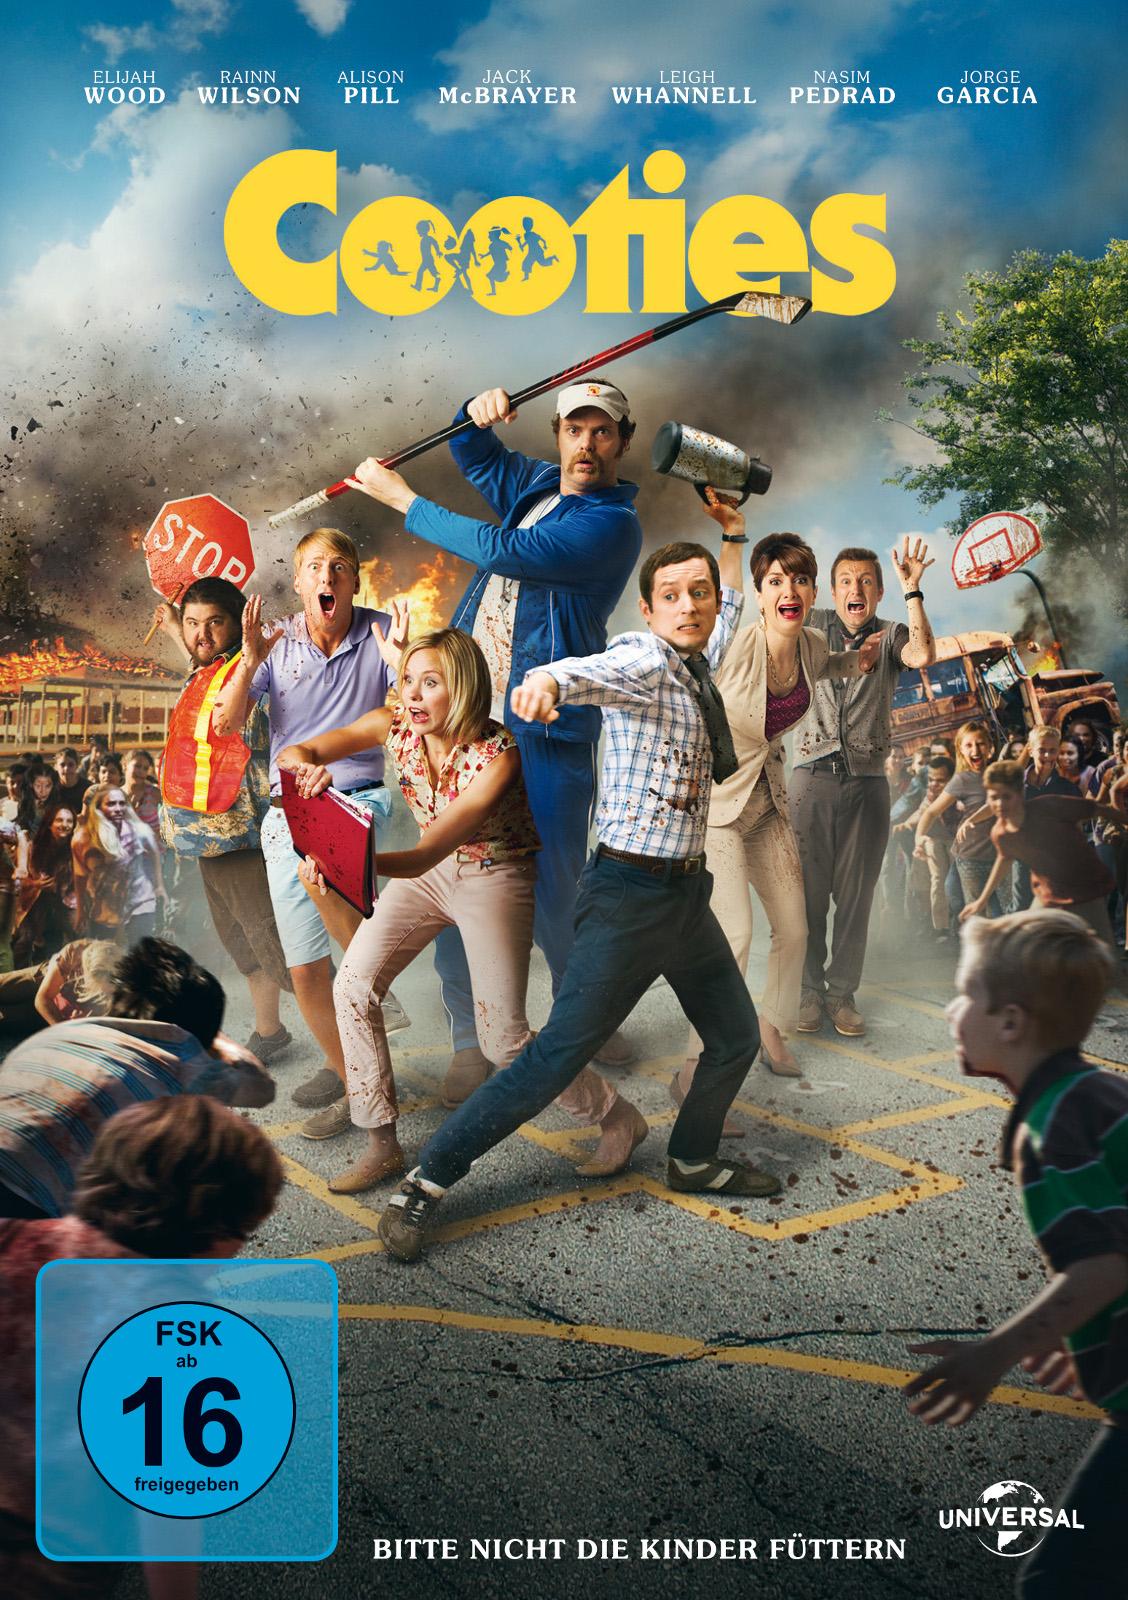 Cooties - Film 2014 - FILMSTARTS.de  Cooties - Film ...